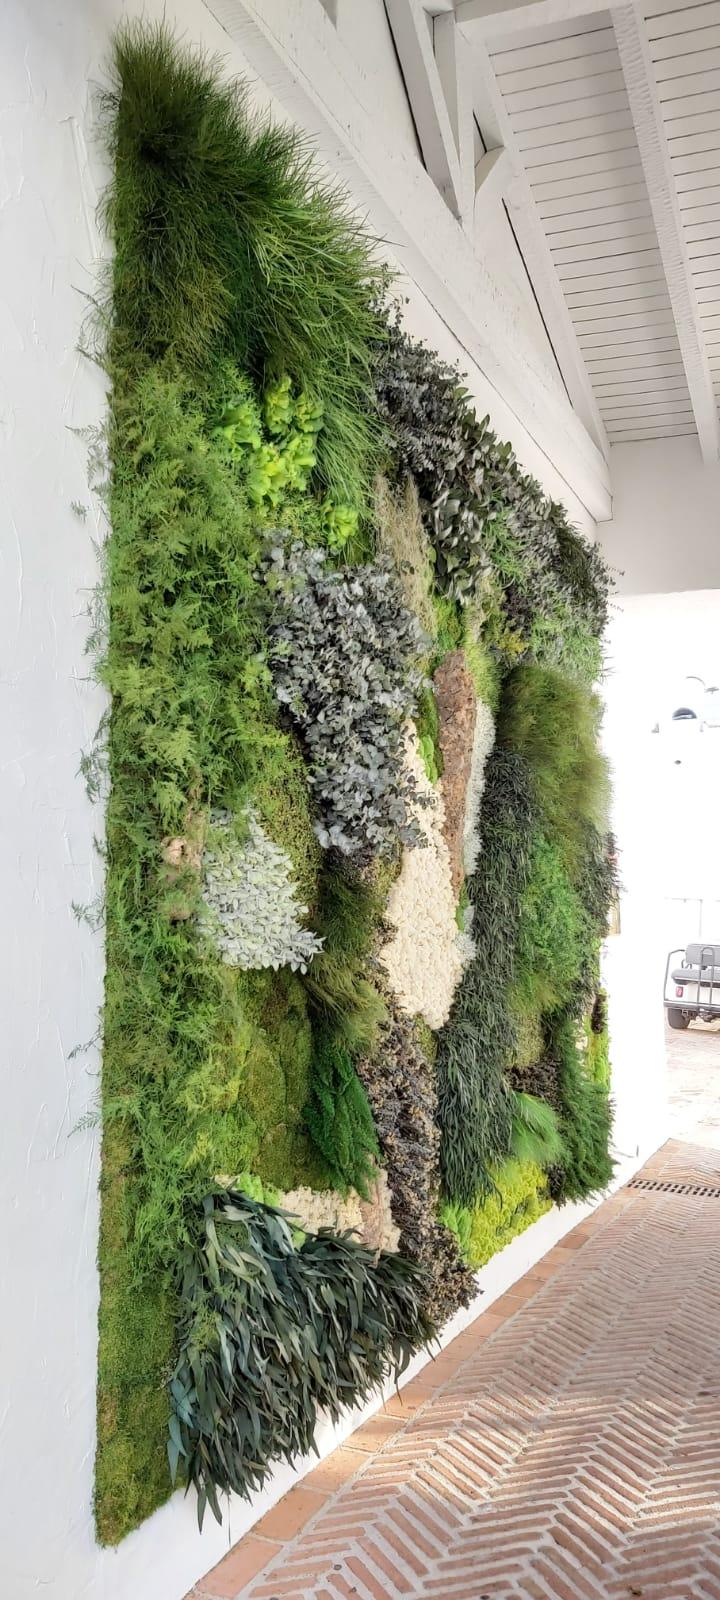 Verdes preservados y flor artificial - Verdissimo